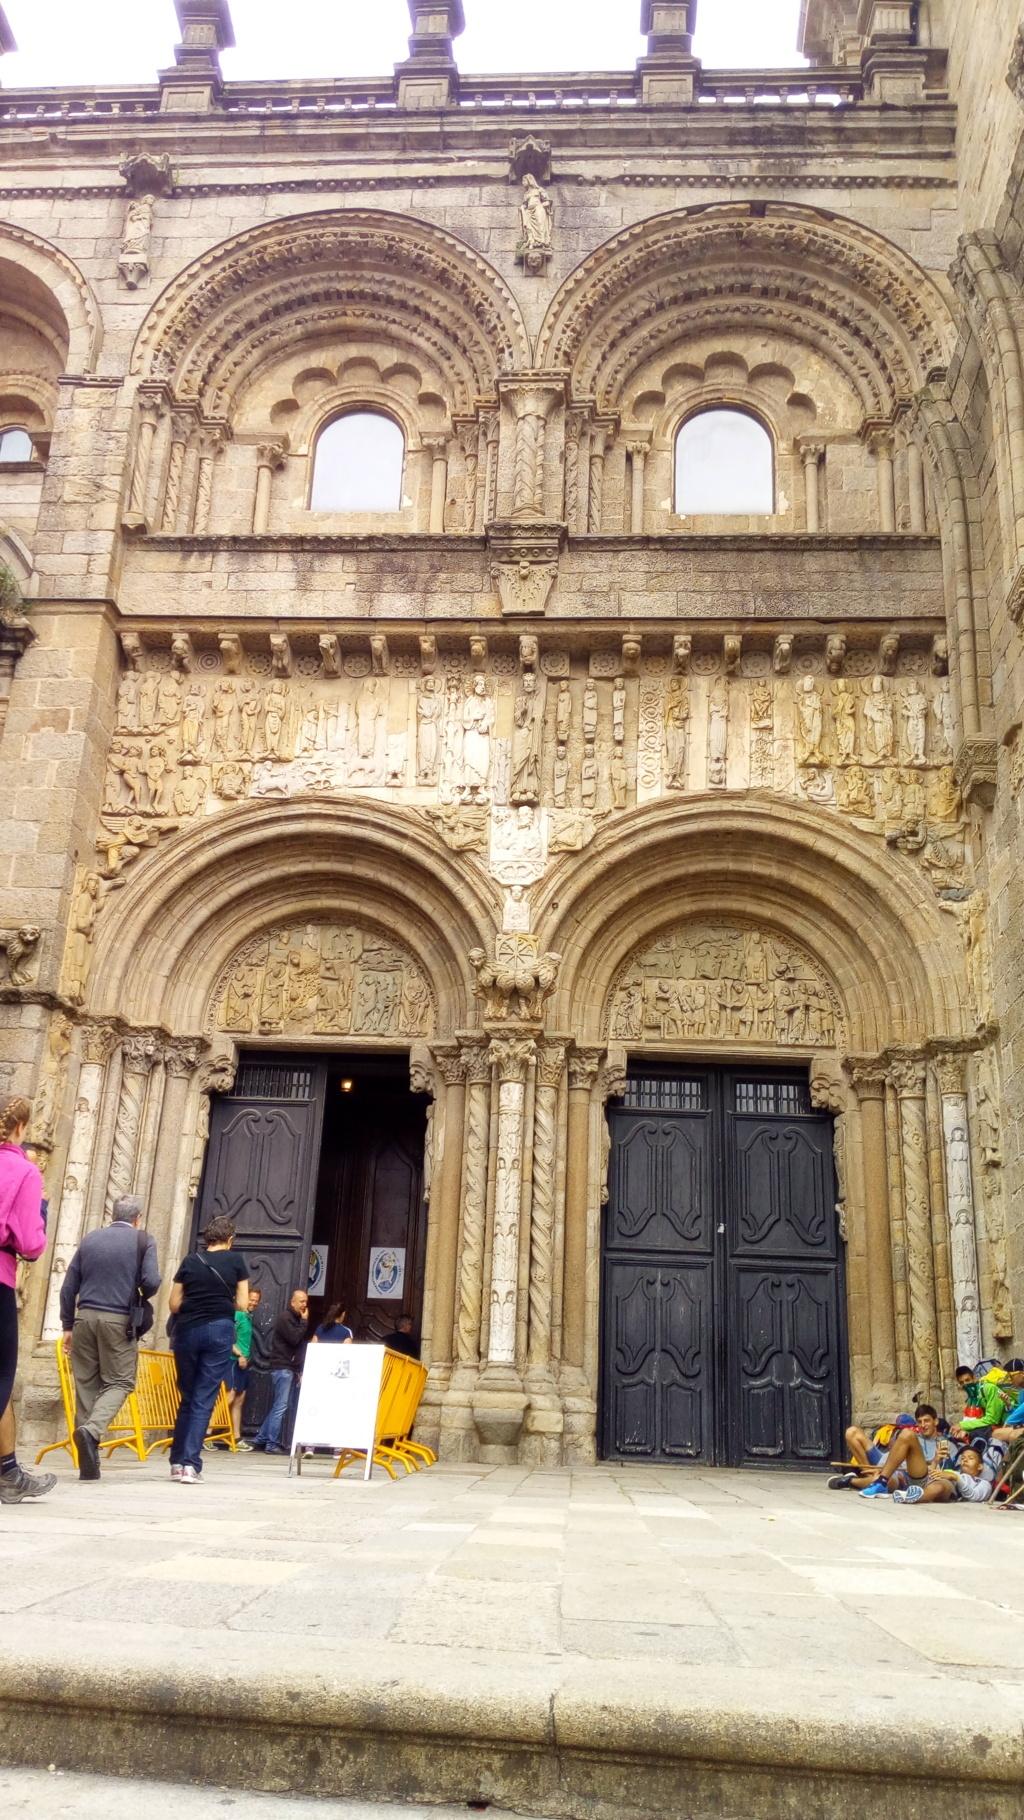 Al Norte, puerta de accose a la catedral desde Platerias. Este tramo comprendido entre el muro del claustro y la Torre del Reloj el el unico trama románico que se conserva